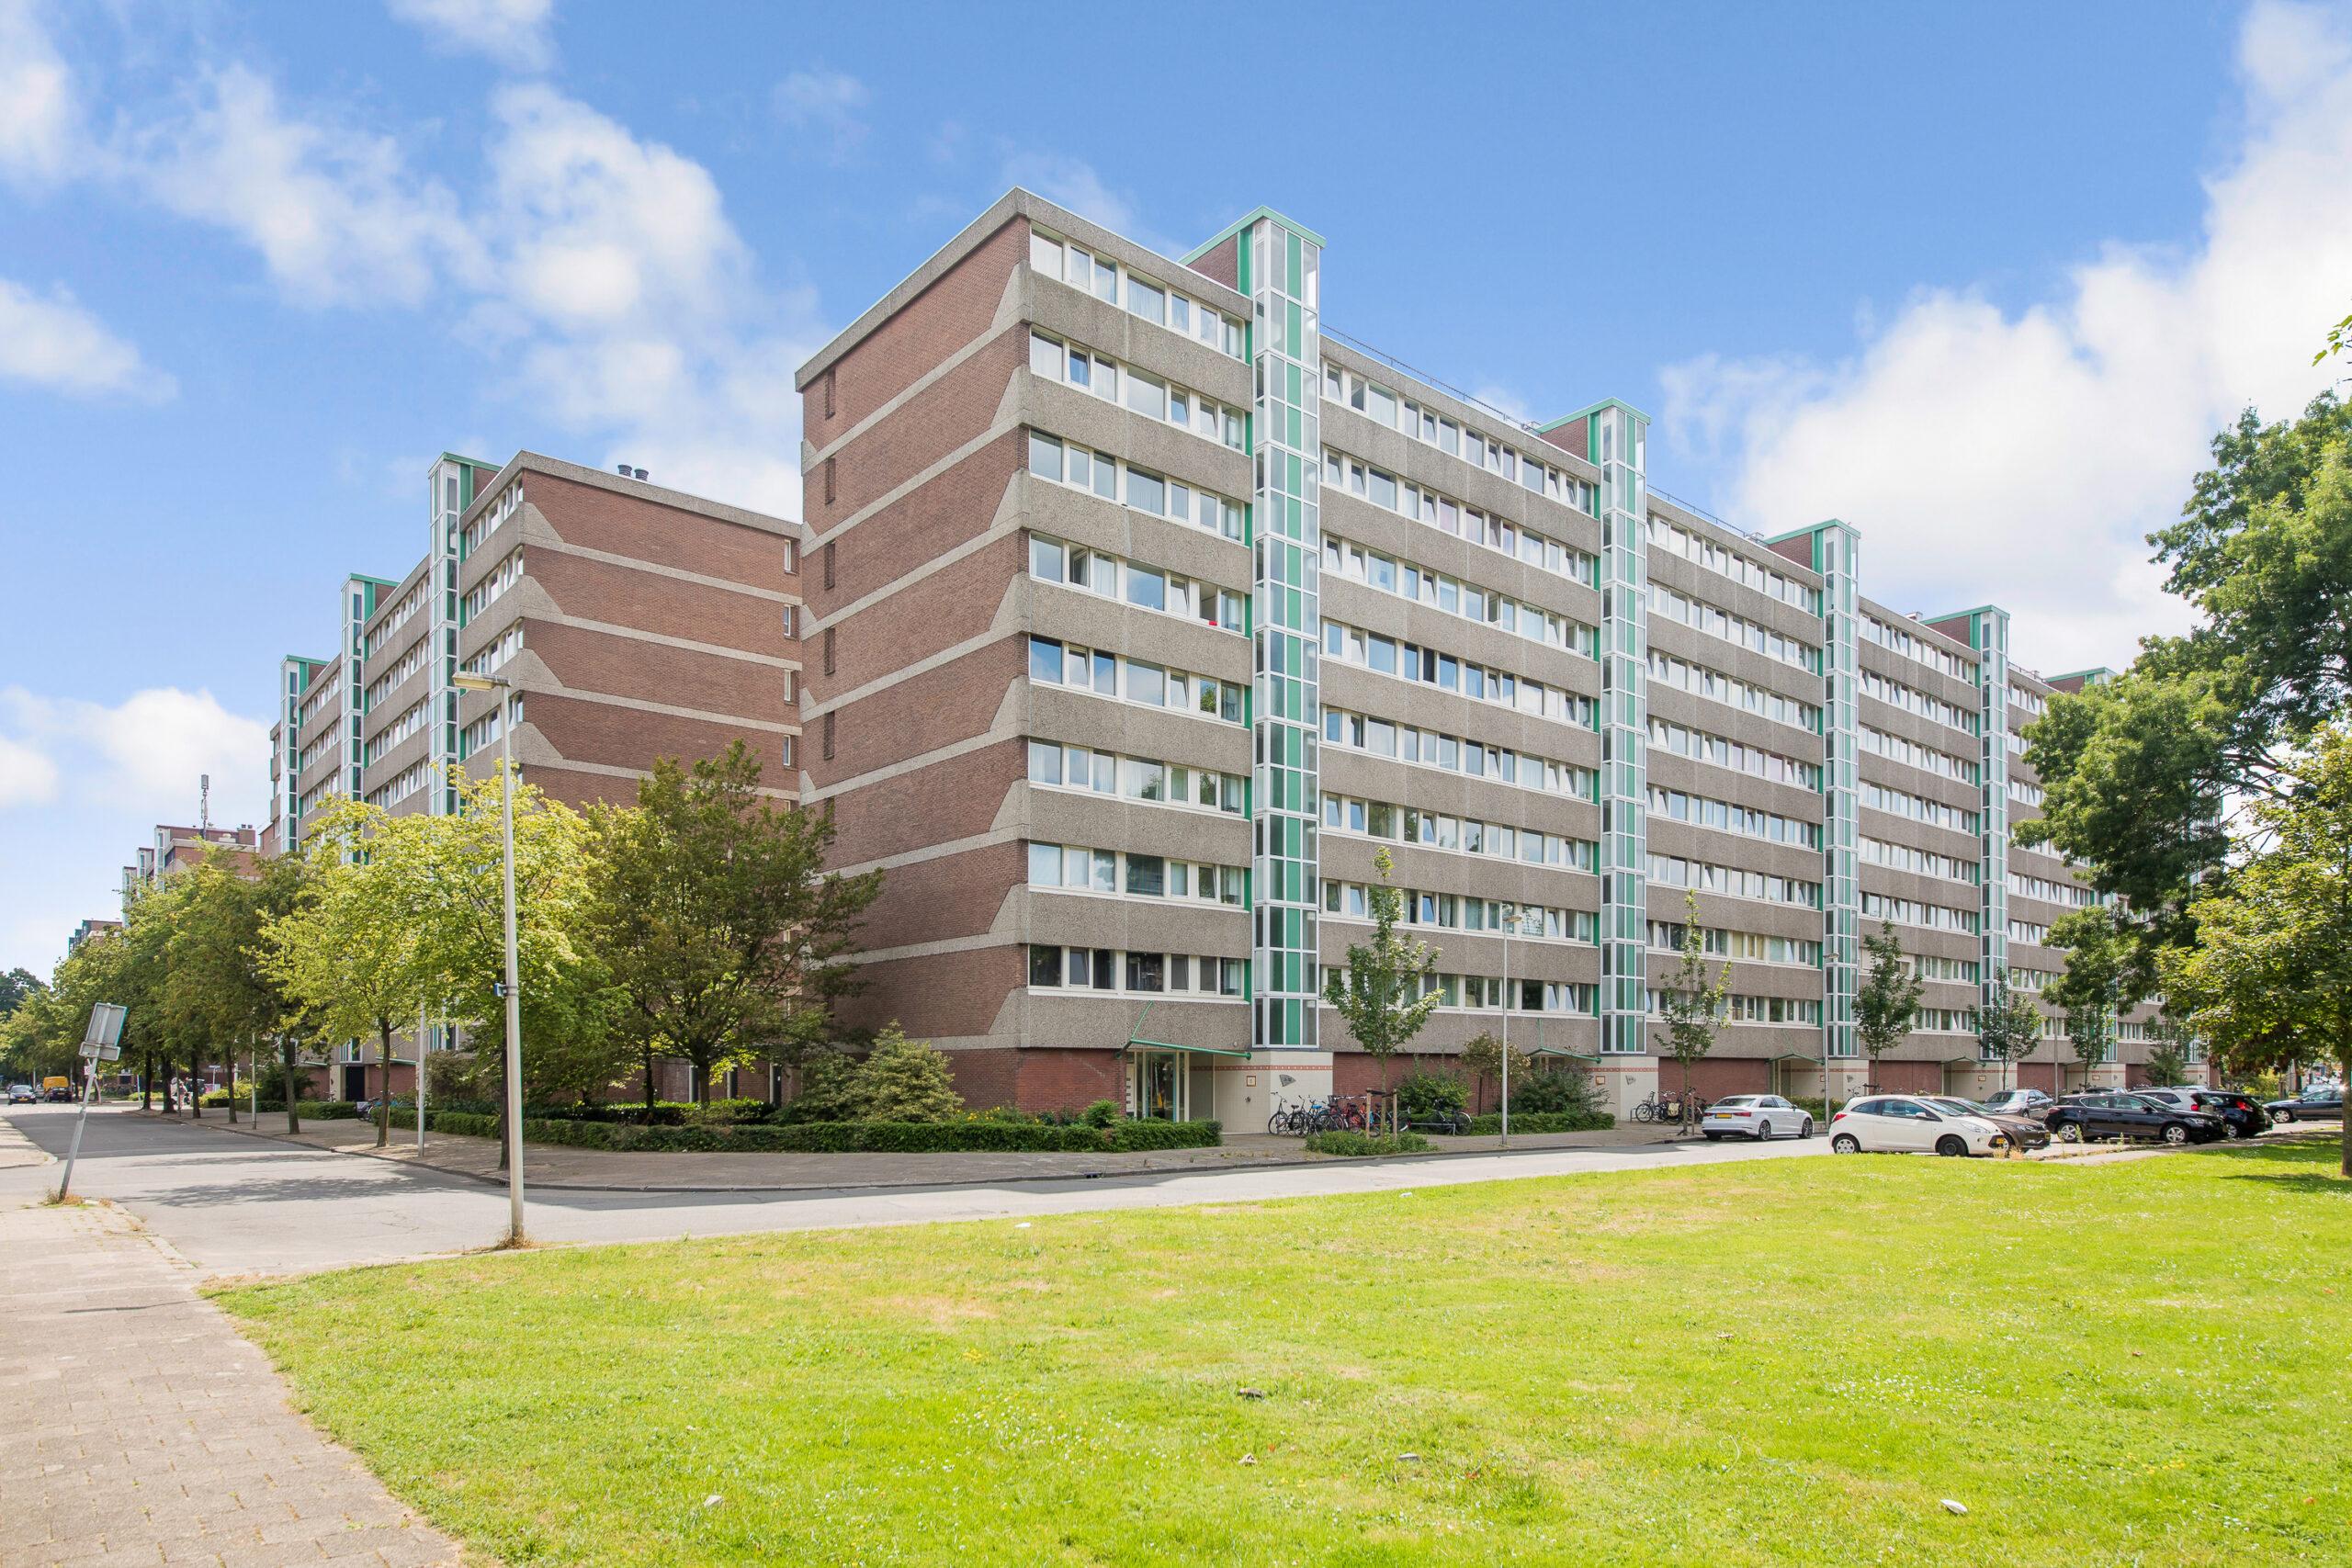 Androsdreef 24, 3562 XA Utrecht